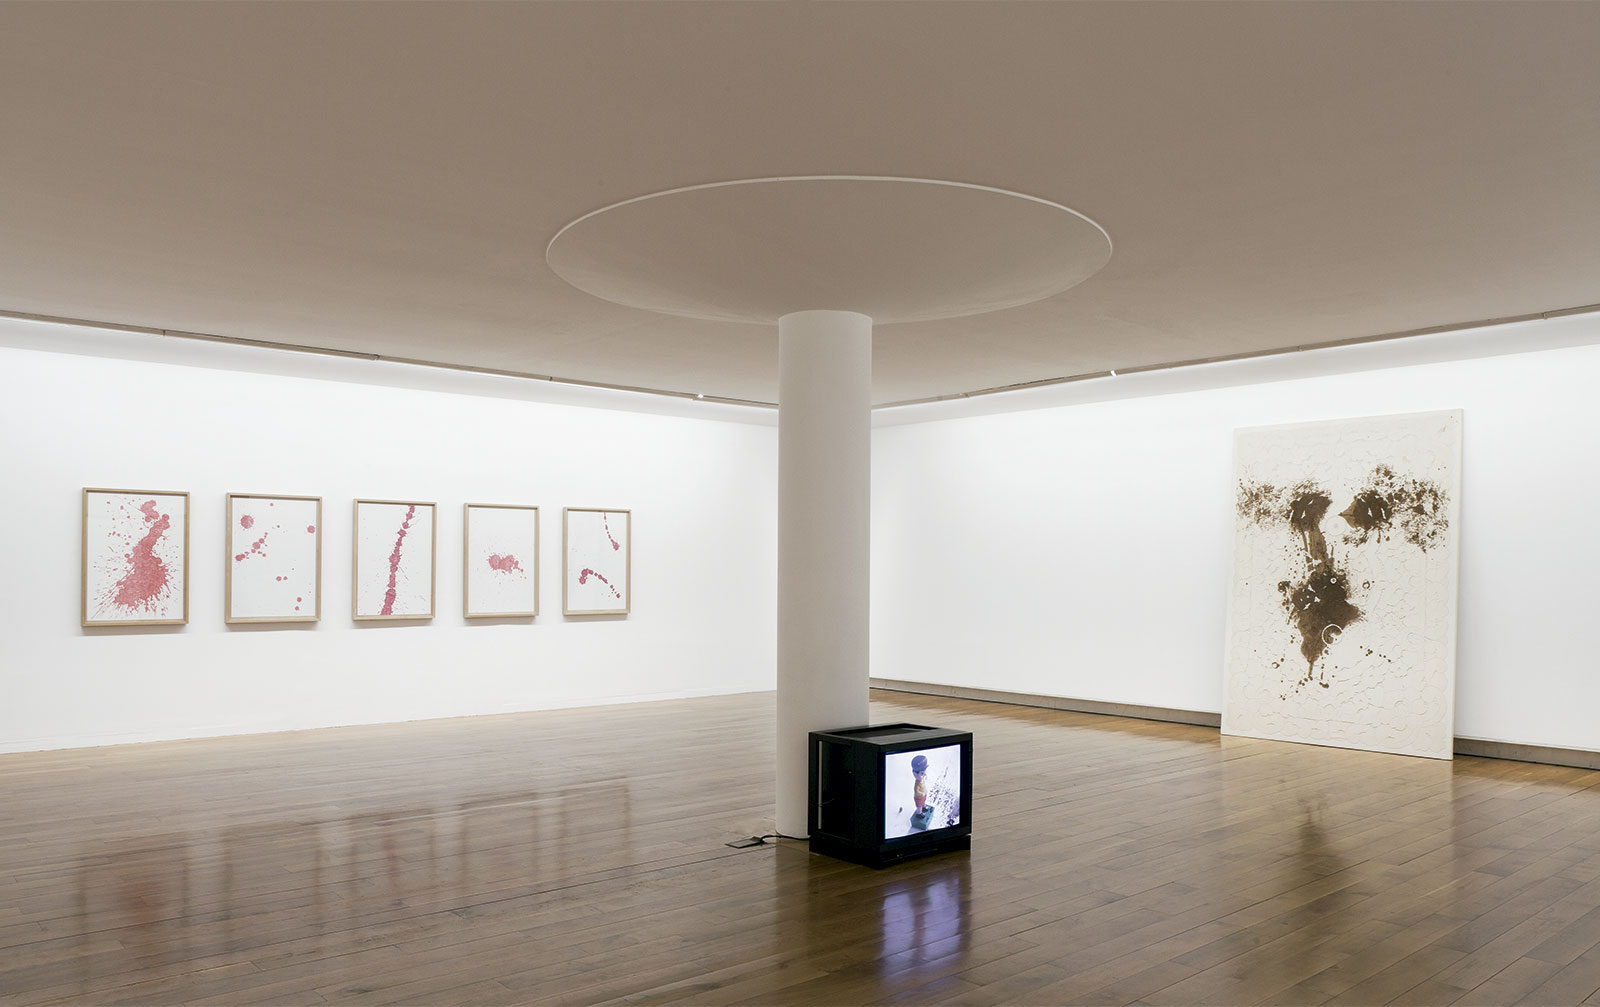 Vista da exposición Chelo Matesanz. As miñas cousas en observación, CGAC, Santiago de Compostela, 2014. <small>Fotografía Mark Ritchie</small>